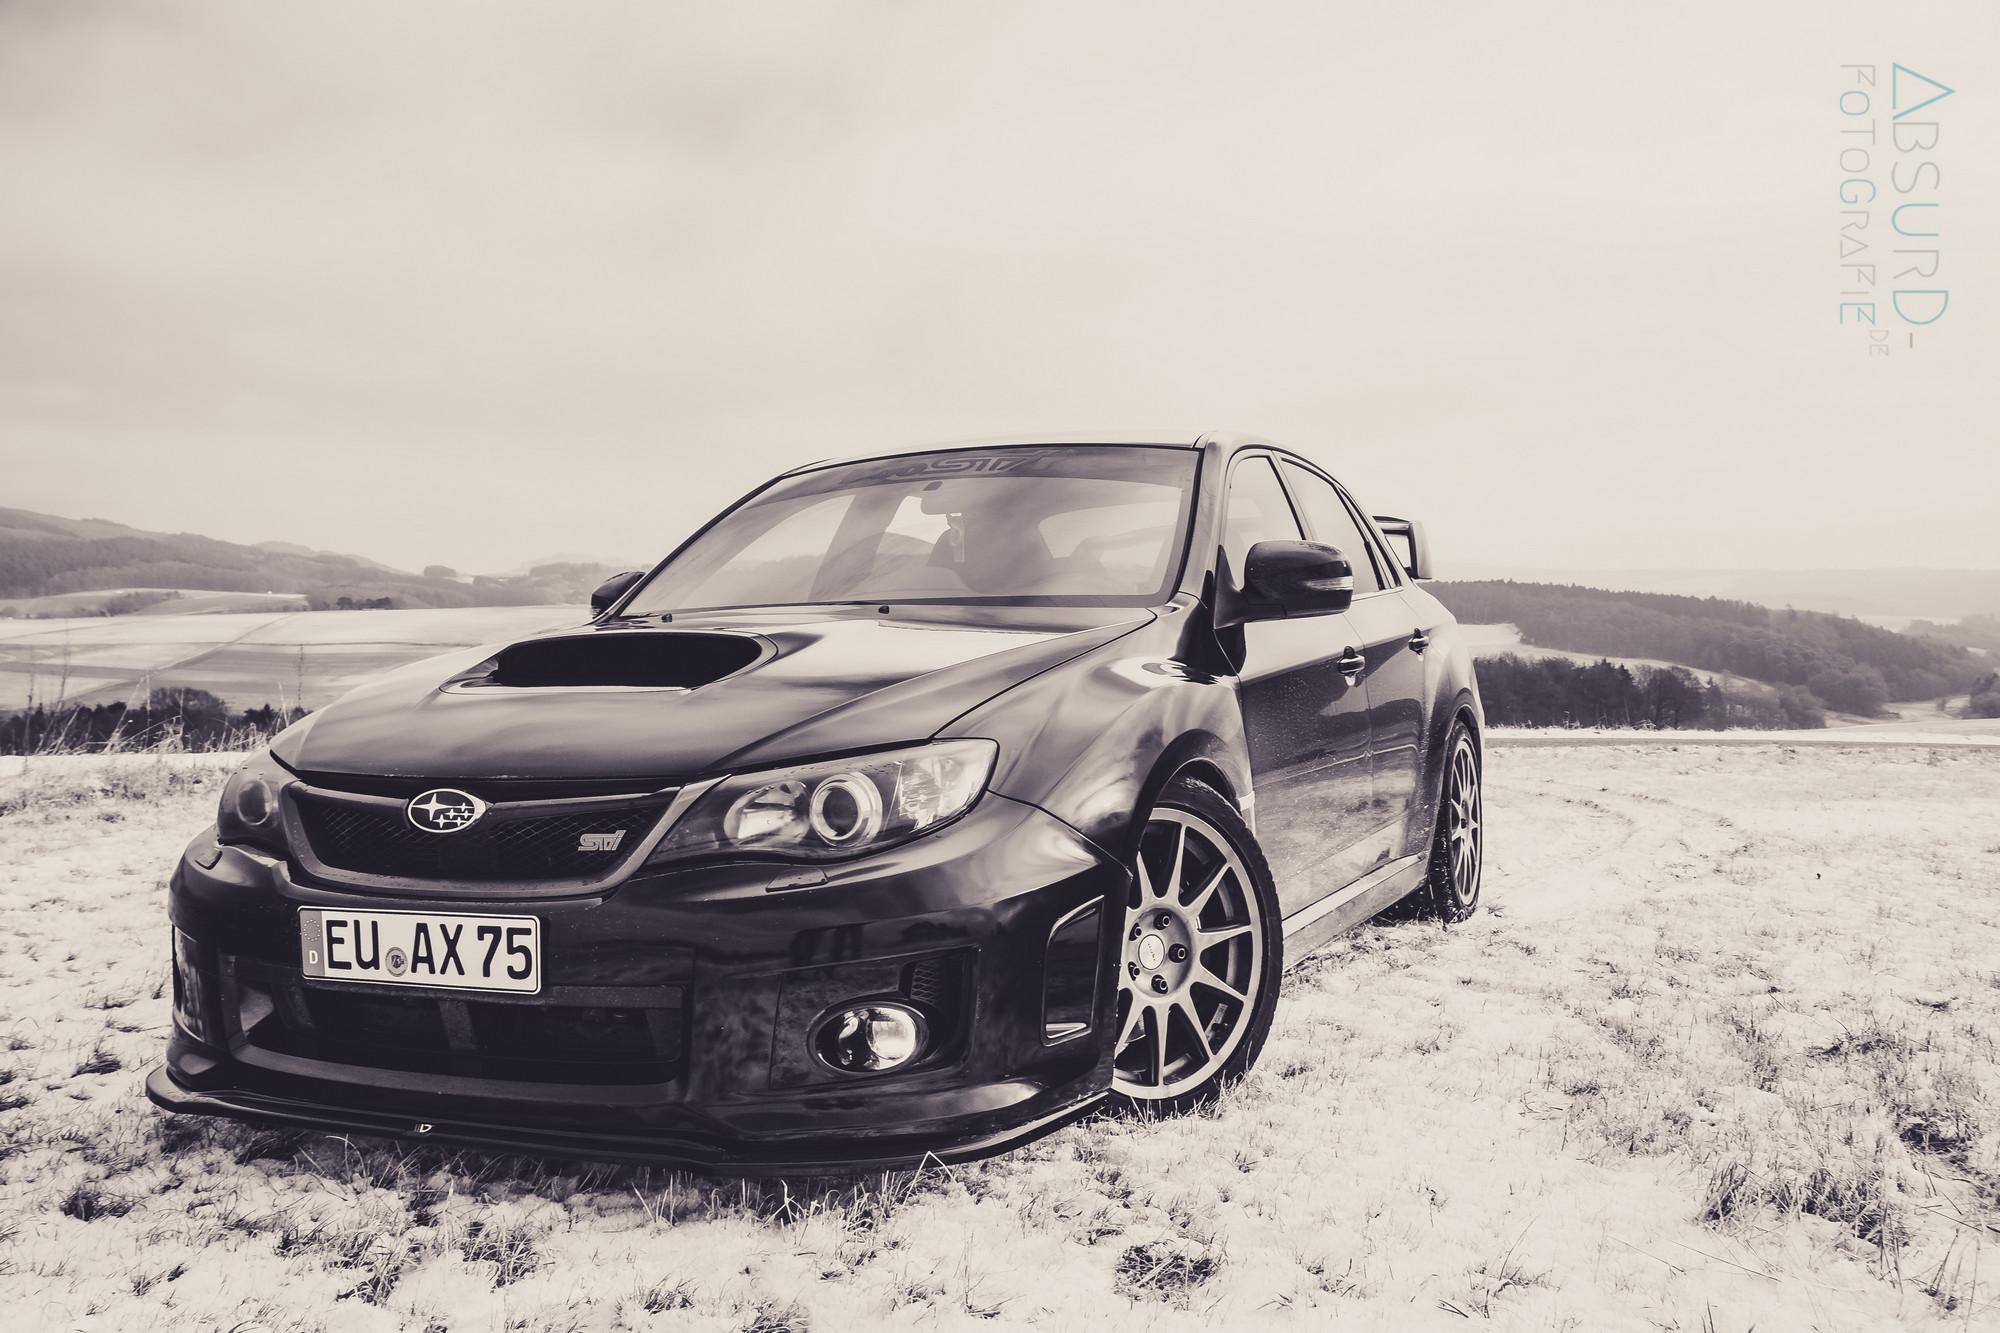 2019-01-20-Alex-Subaru-STI - DSC02268-00385-lredit-_tn.jpg